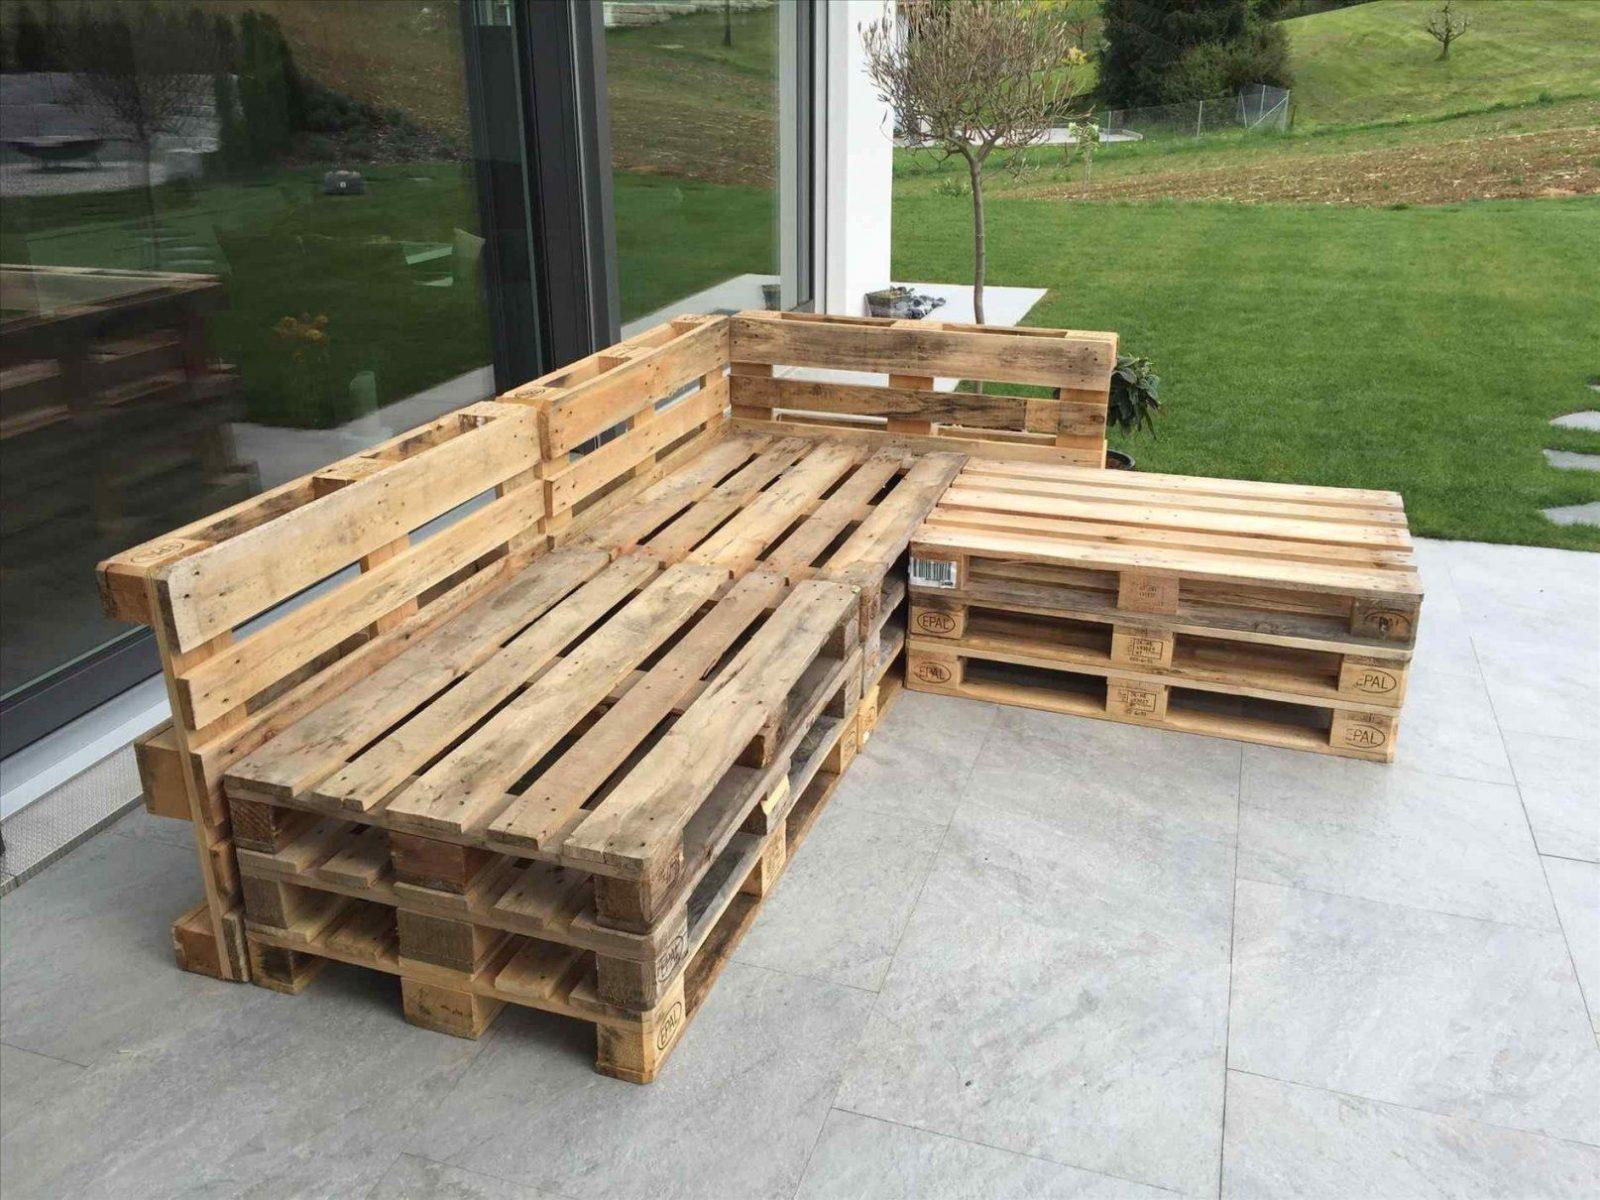 Bauanleitung Treppe Holz Mit Selber Bauen Frisch Bank Zum Garten 29 von Garten Sitzbank Selber Bauen Photo